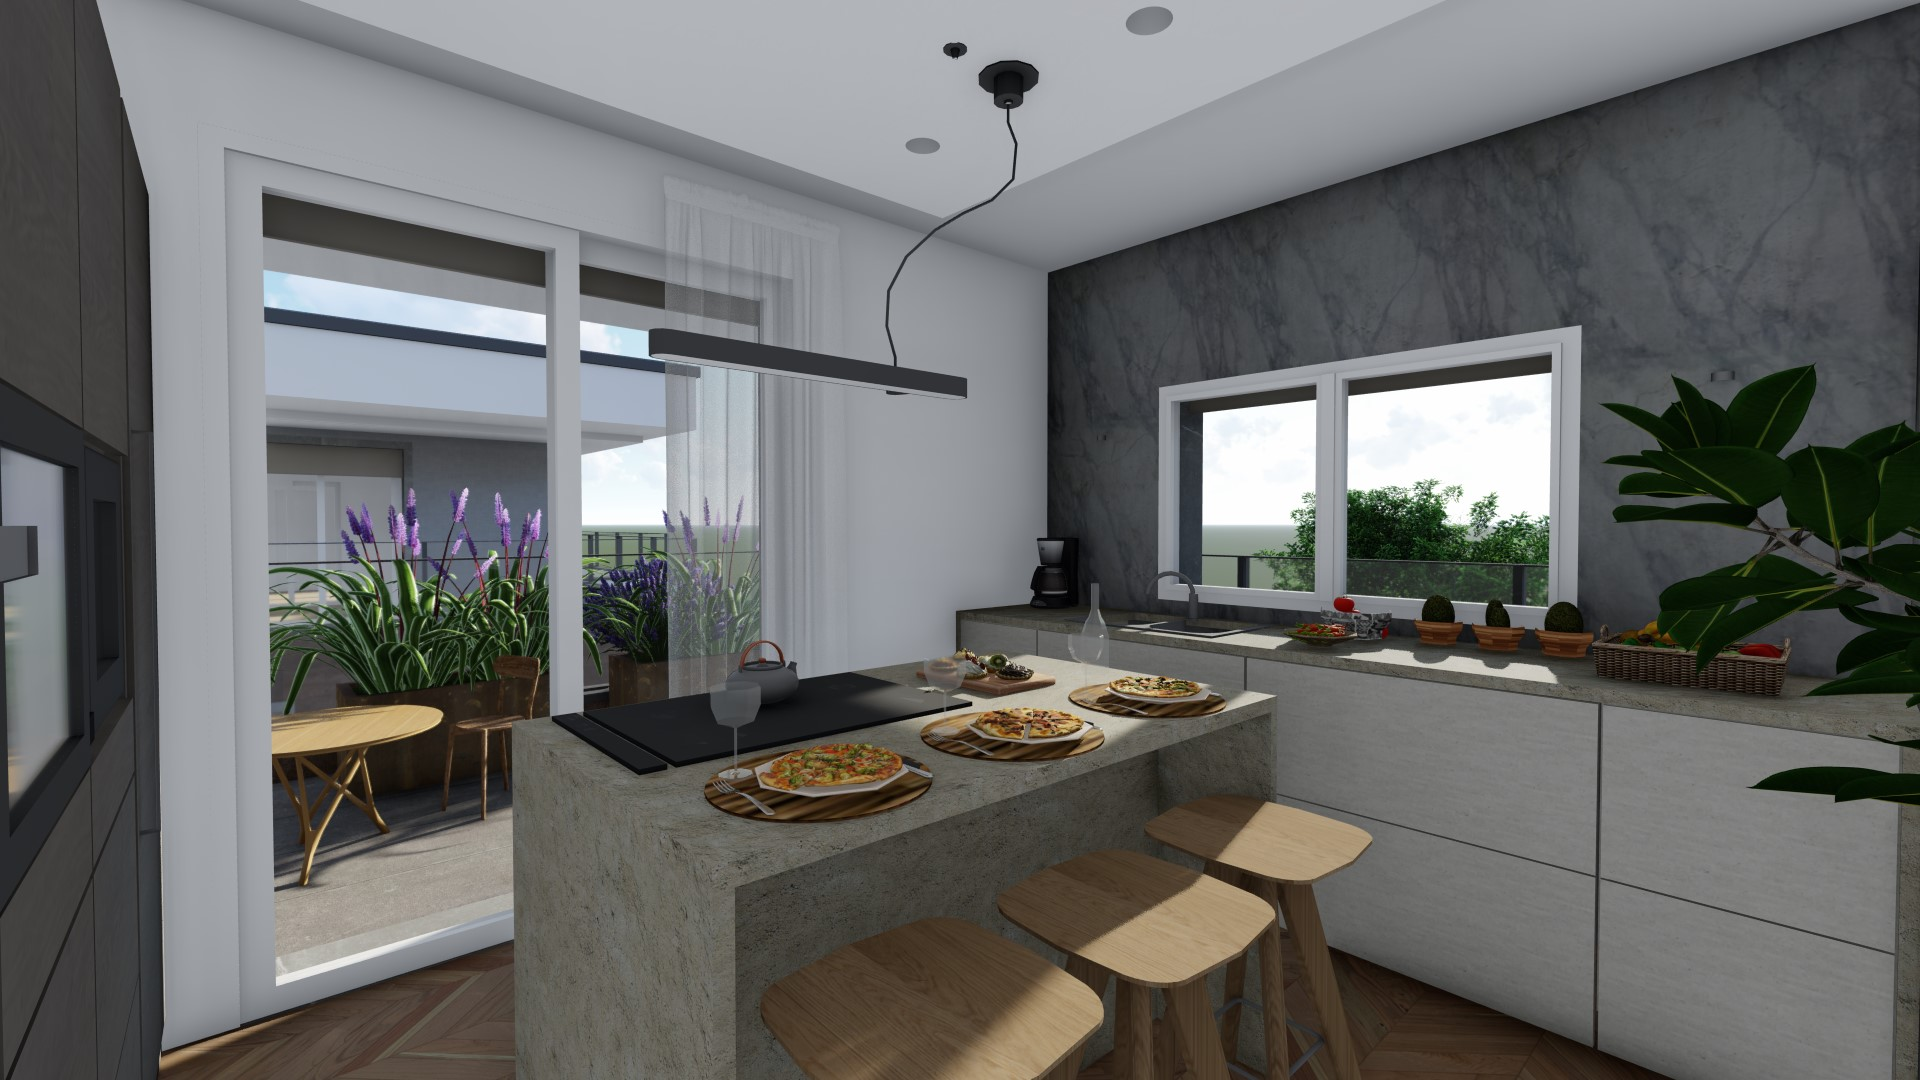 attici in vendita Treviglio - cucina abitabile